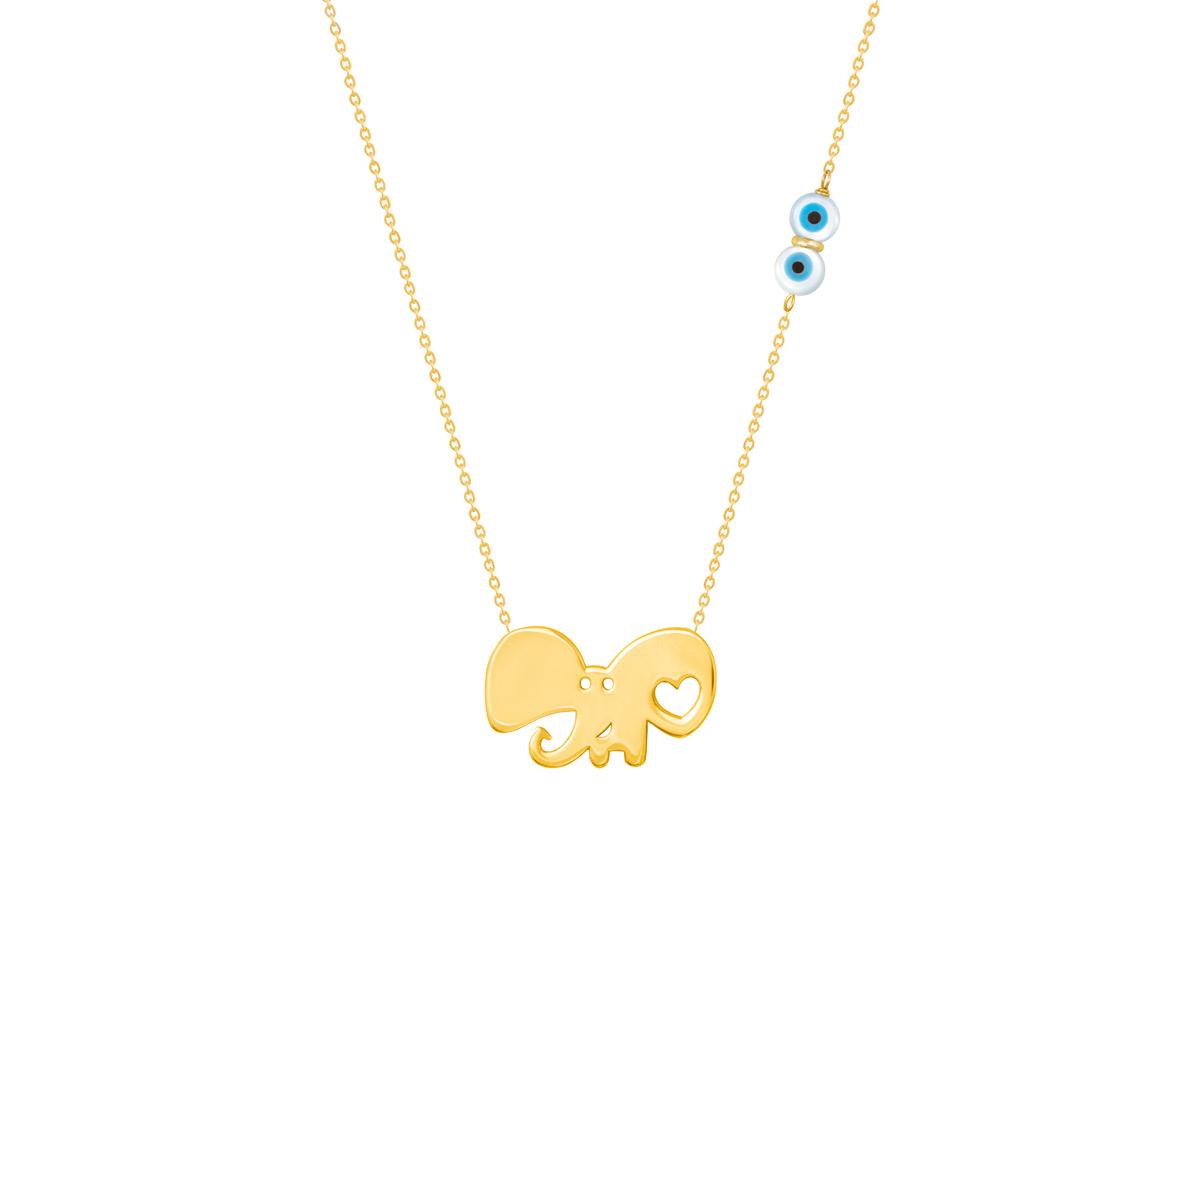 گردنبند طلا دخترانه فیل و فلب |parasteh